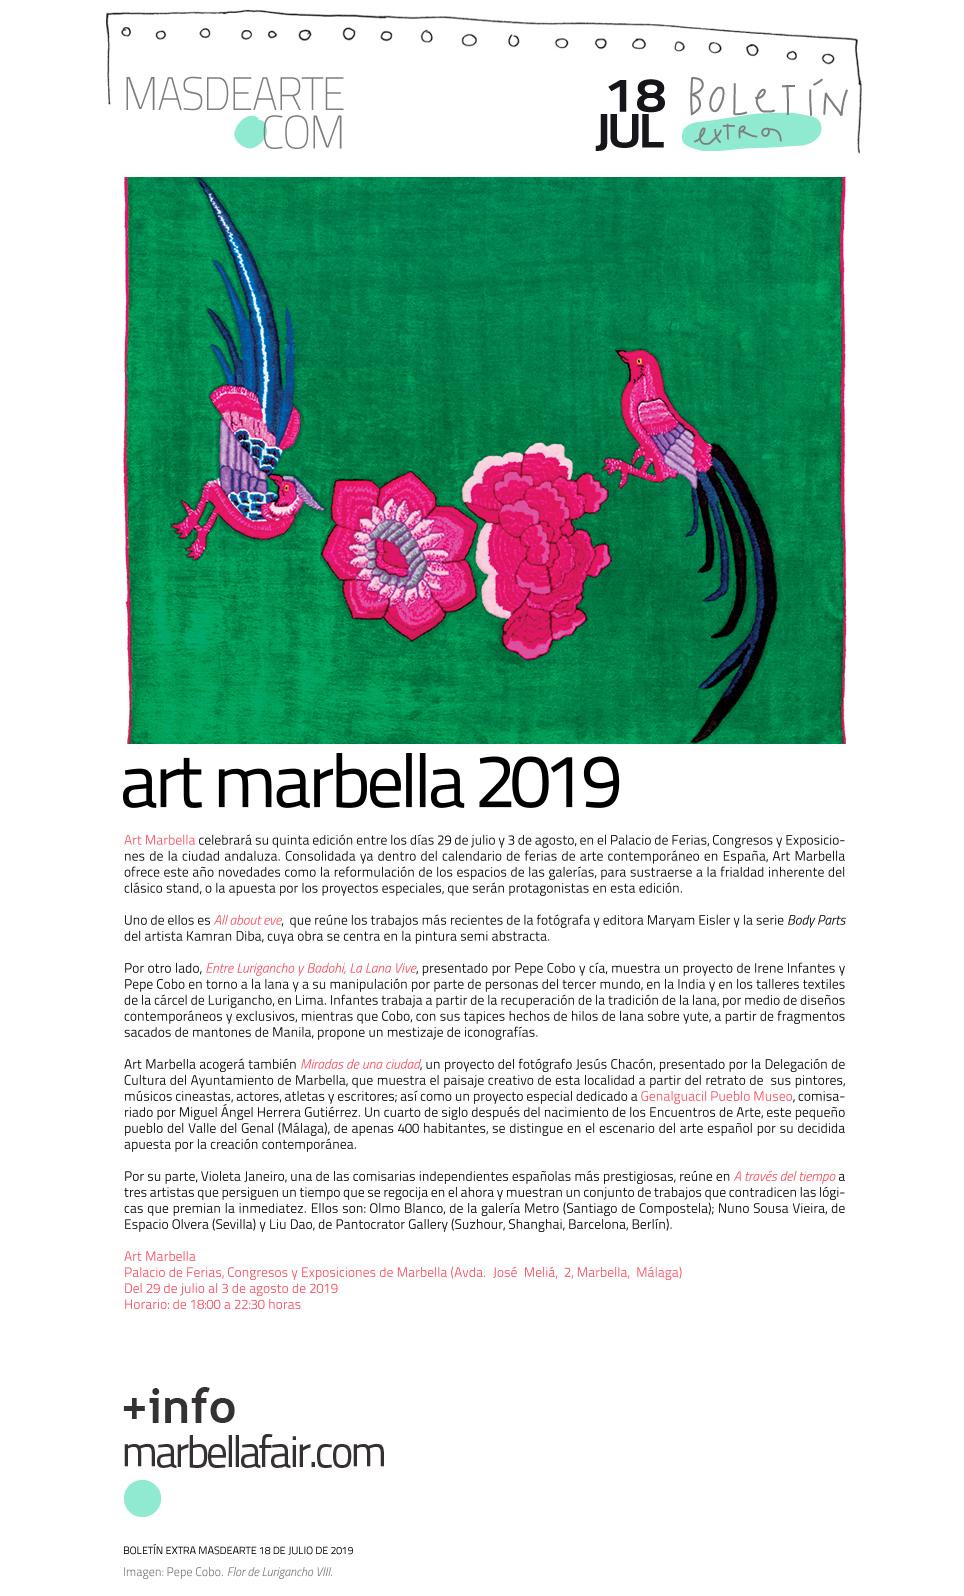 Extra masdearte: novedades en la próxima edición de Art Marbella